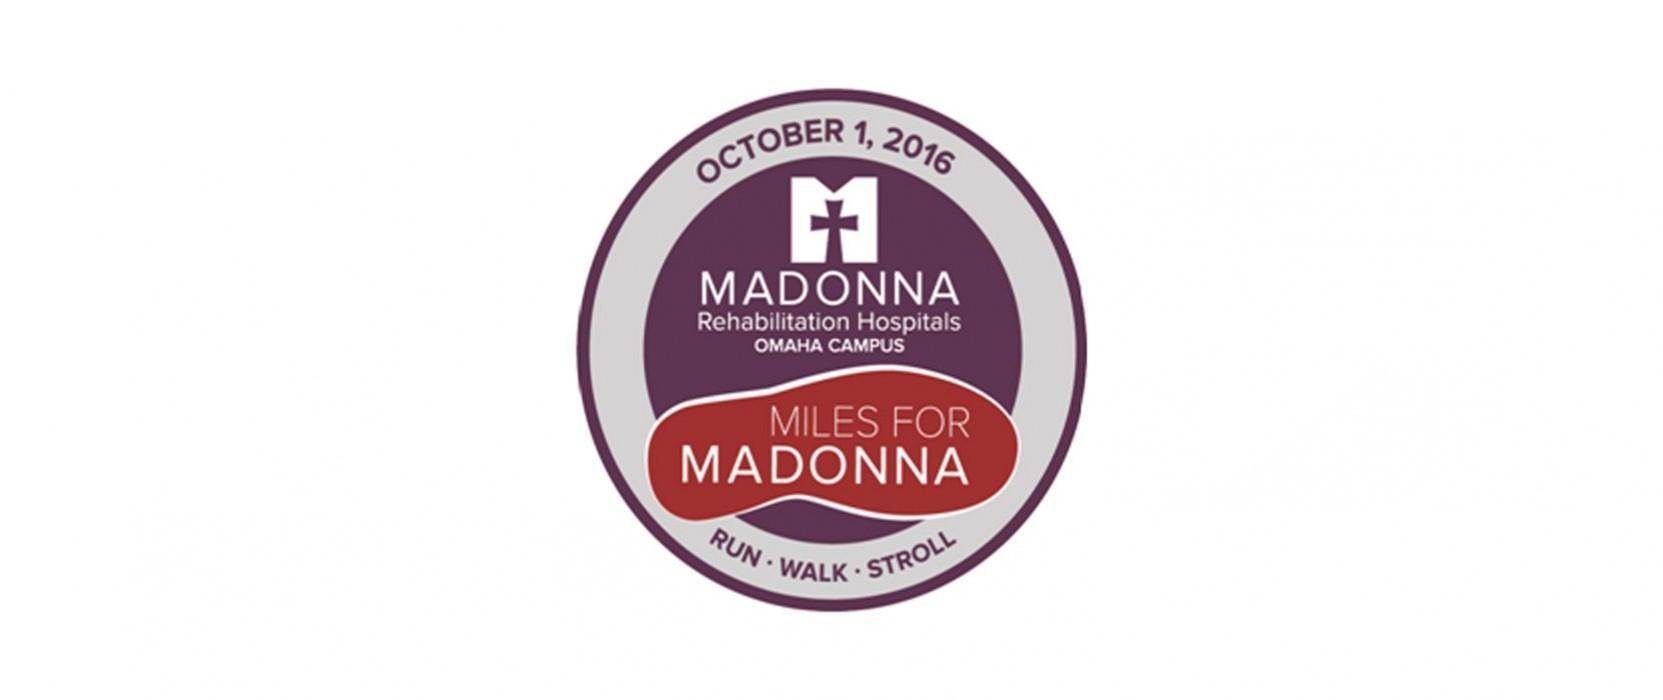 Inaugural fun run/walk supports Madonna